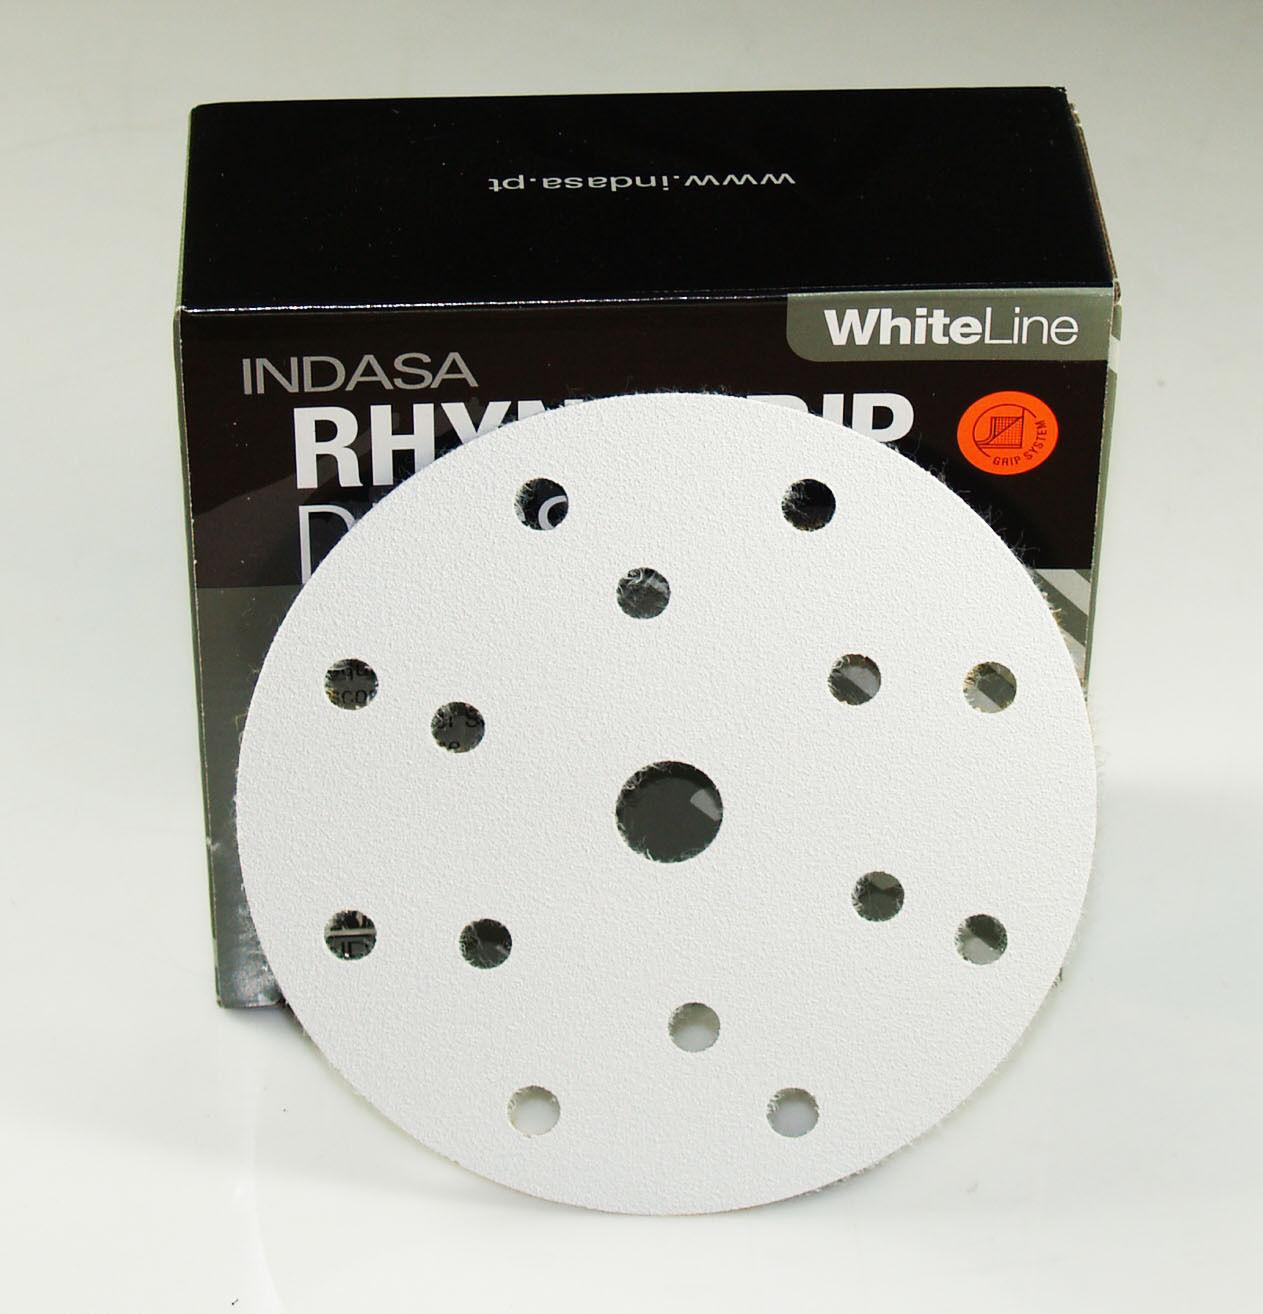 indasa schleifscheiben whiteline 150mm 15 h werkstatt. Black Bedroom Furniture Sets. Home Design Ideas